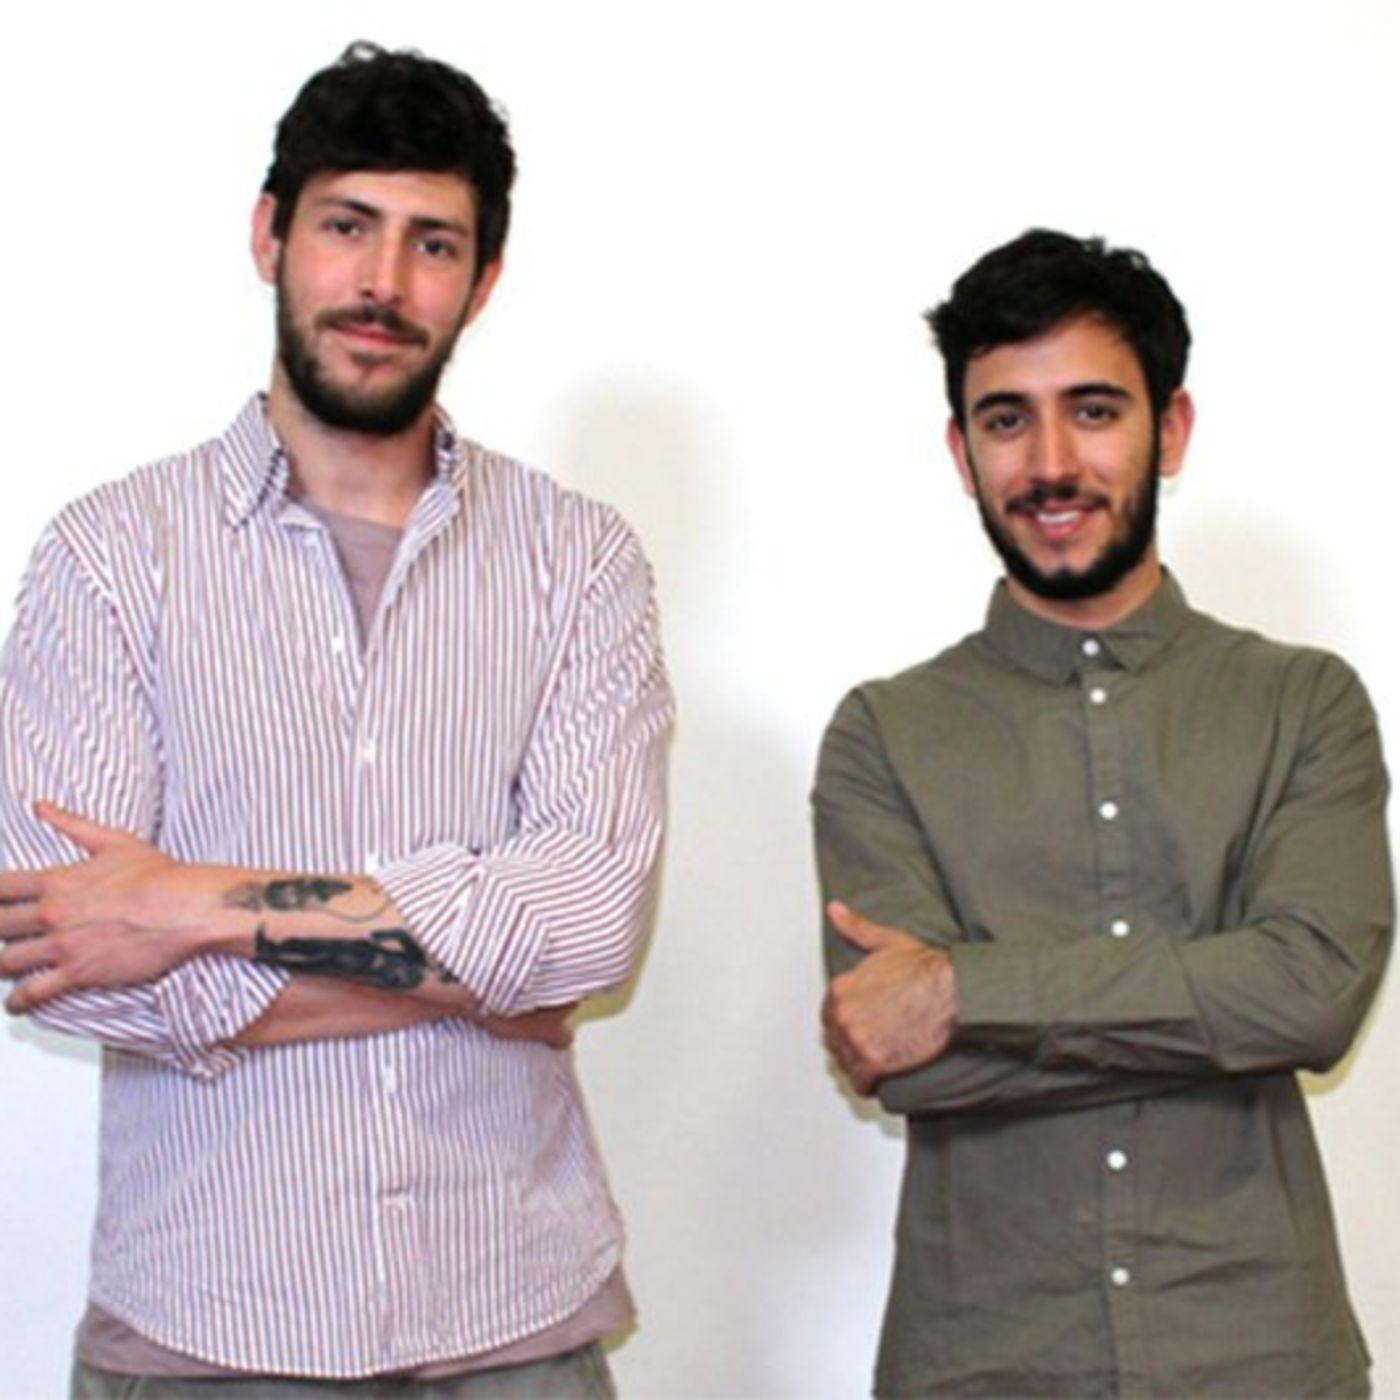 Cosa è Epicura? Il poliambulatorio digitale tutto italiano